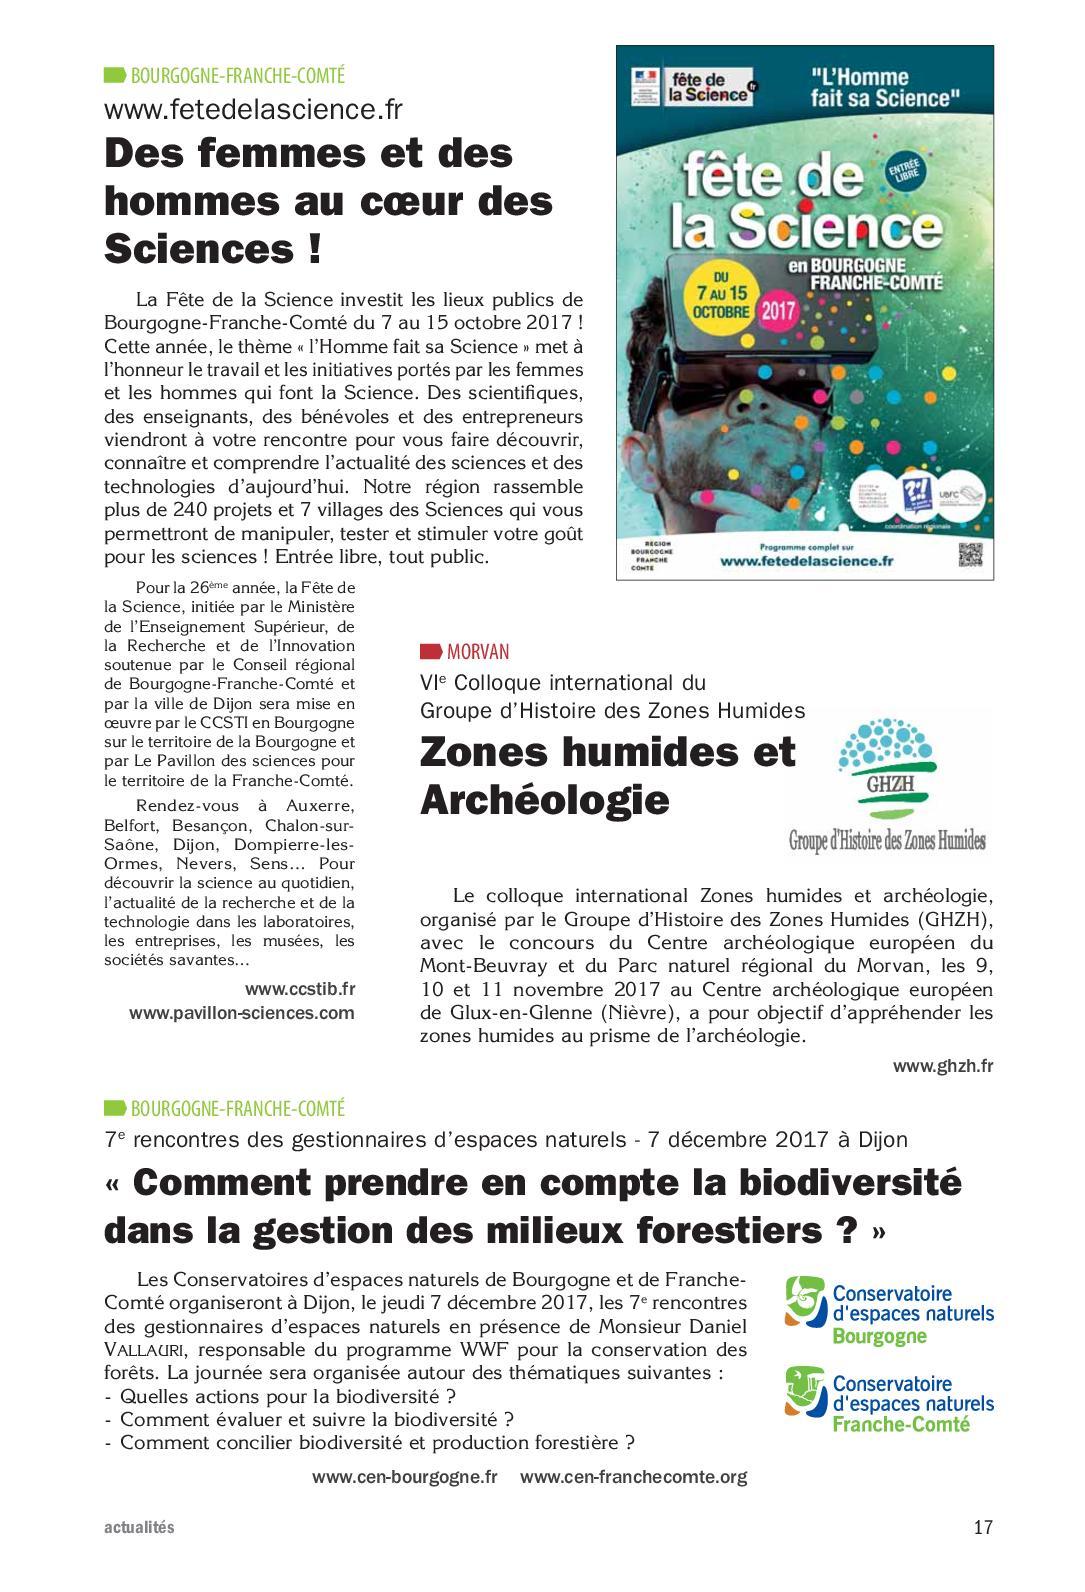 Rencontre femme en Bourgogne - Site de rencontre gratuit en Bourgogne